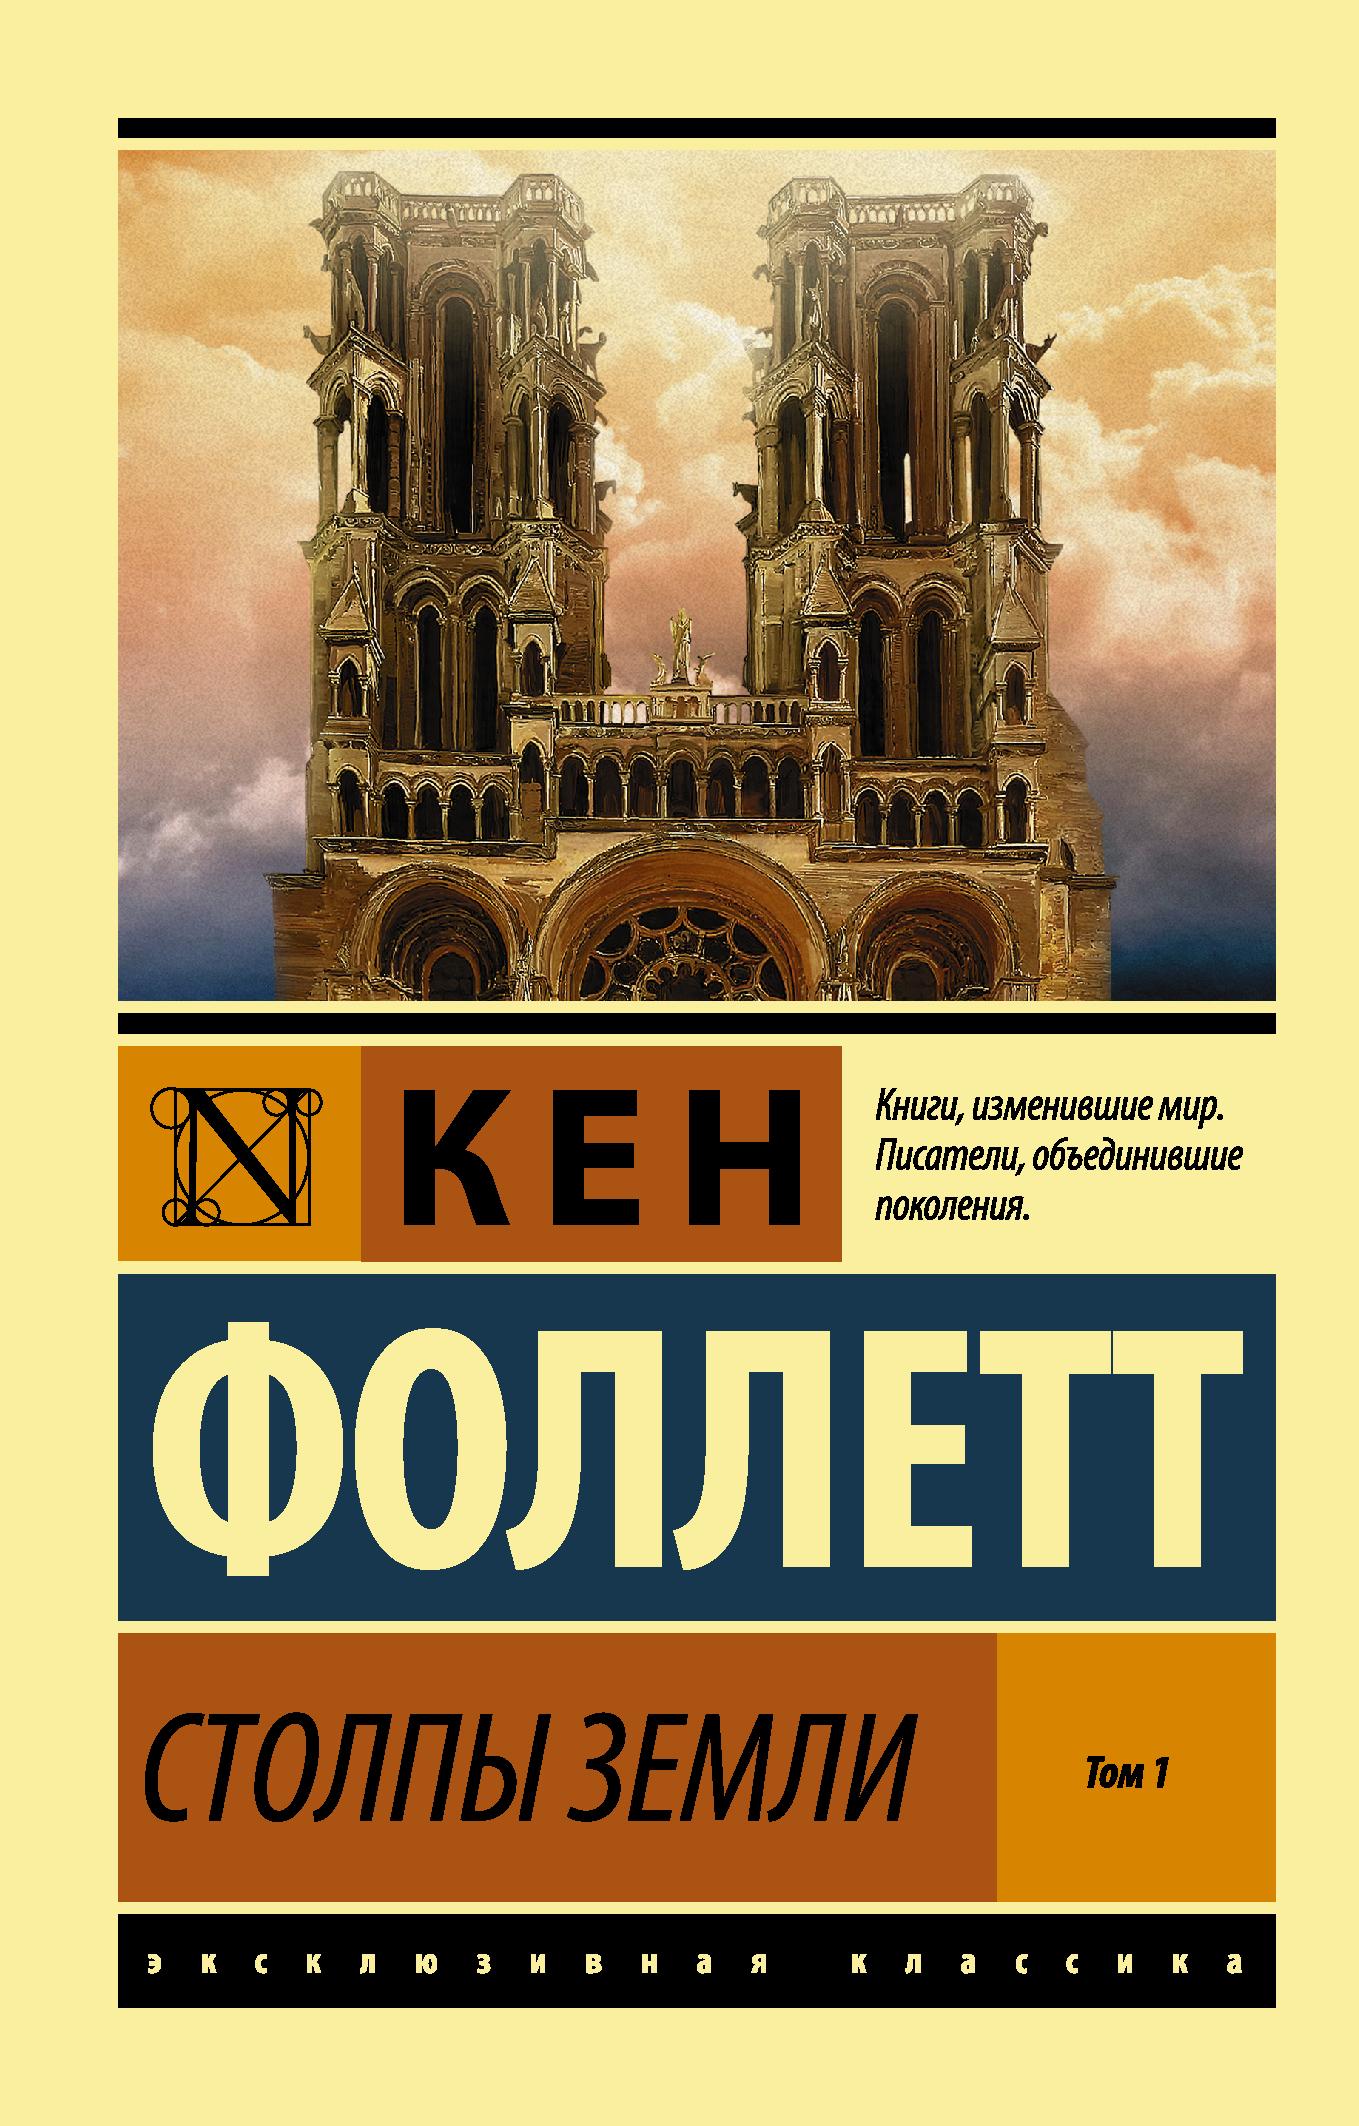 Кен Фоллетт Столпы Земли [В 2 т.] Том 1 фоллетт кен столпы земли [в 2 т ] том 2